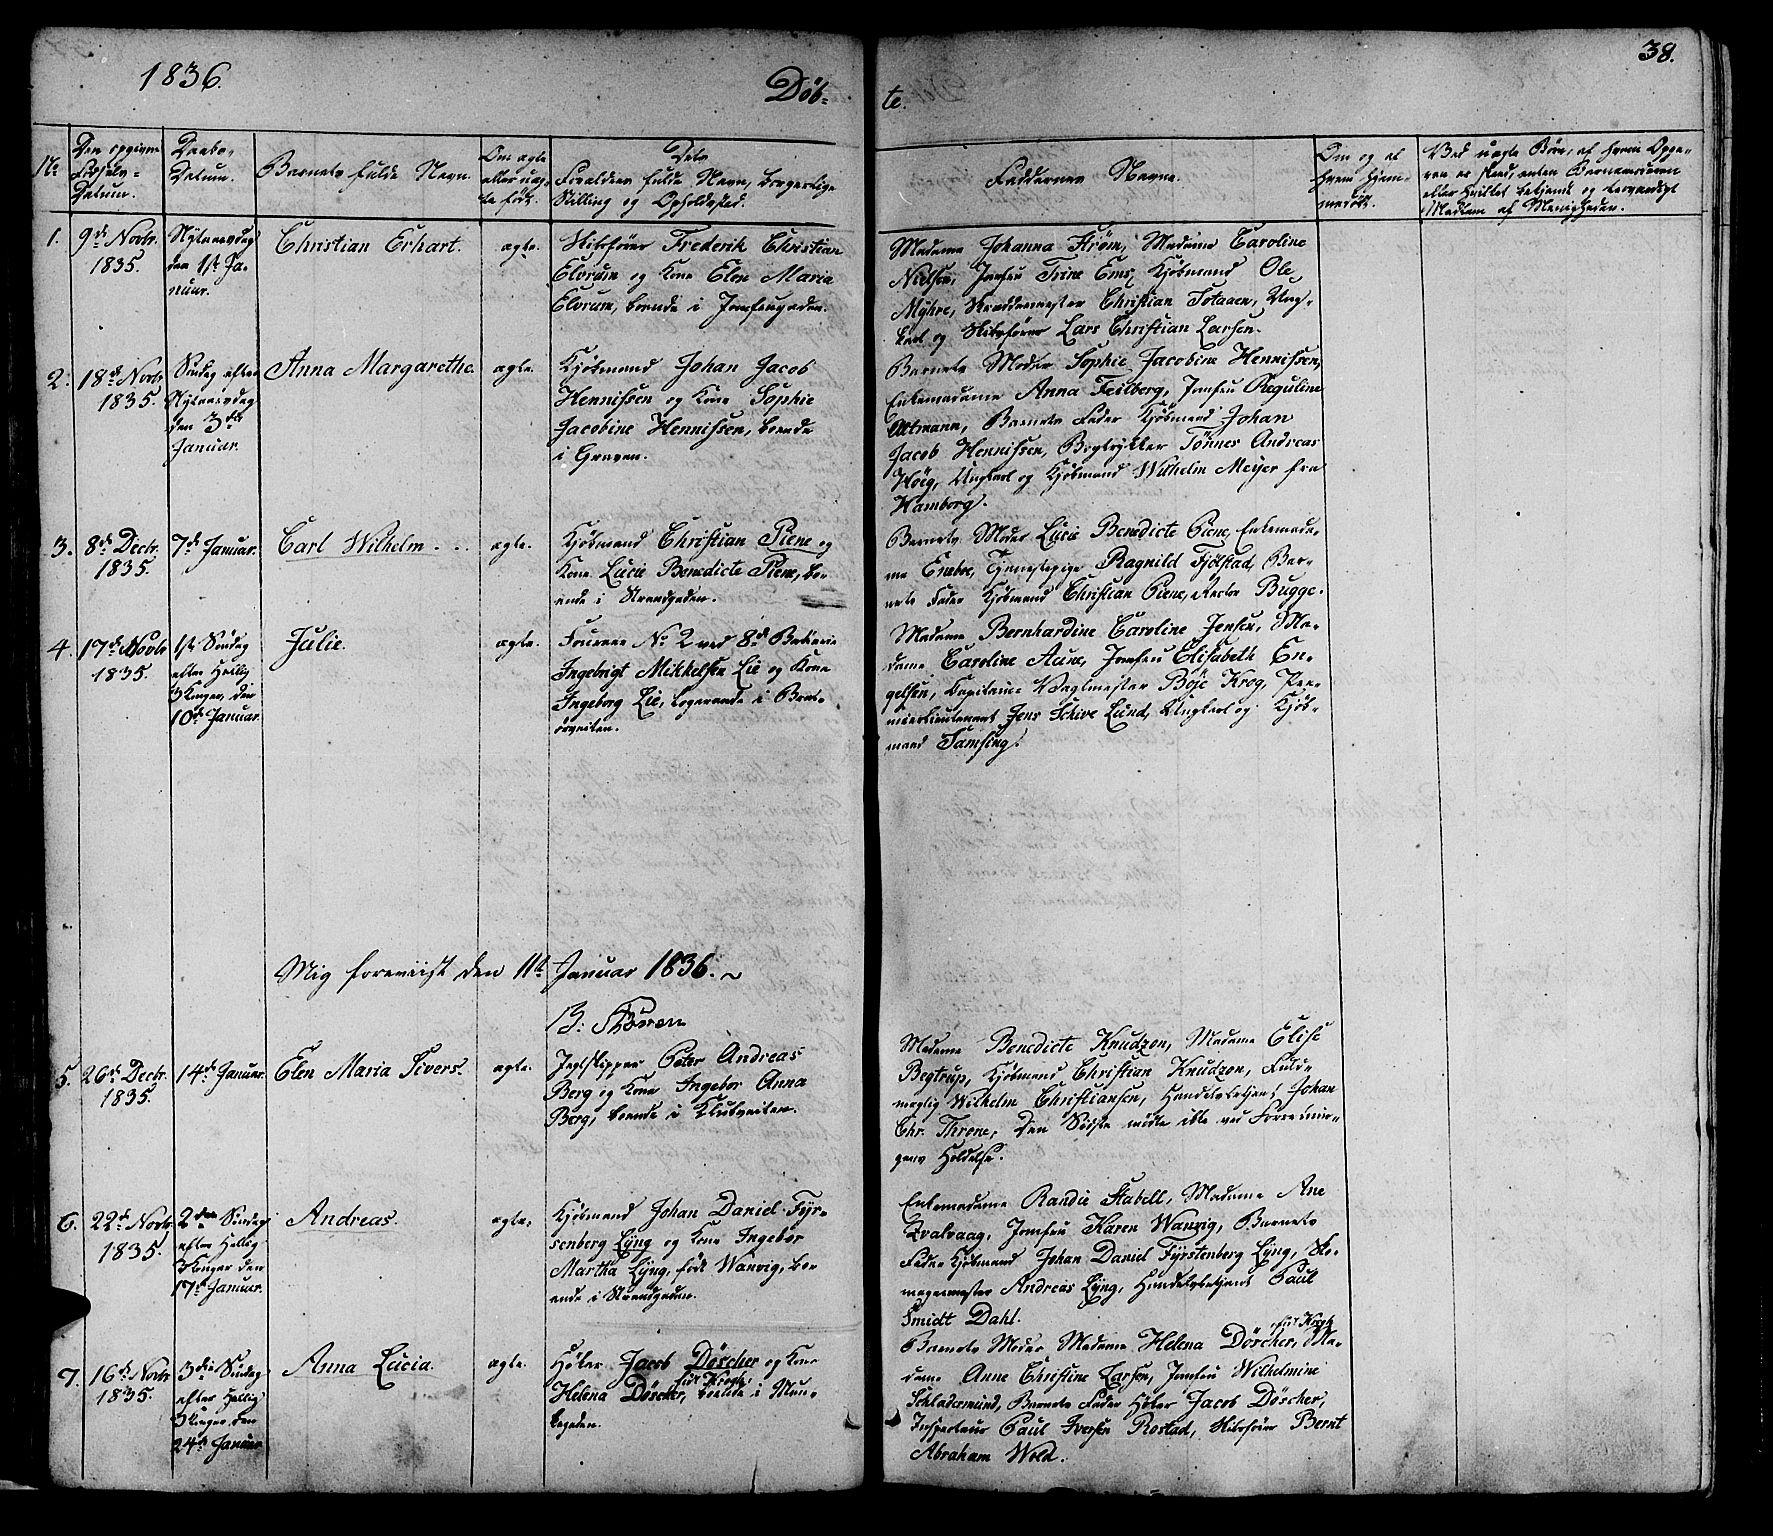 SAT, Ministerialprotokoller, klokkerbøker og fødselsregistre - Sør-Trøndelag, 602/L0136: Klokkerbok nr. 602C04, 1833-1845, s. 38